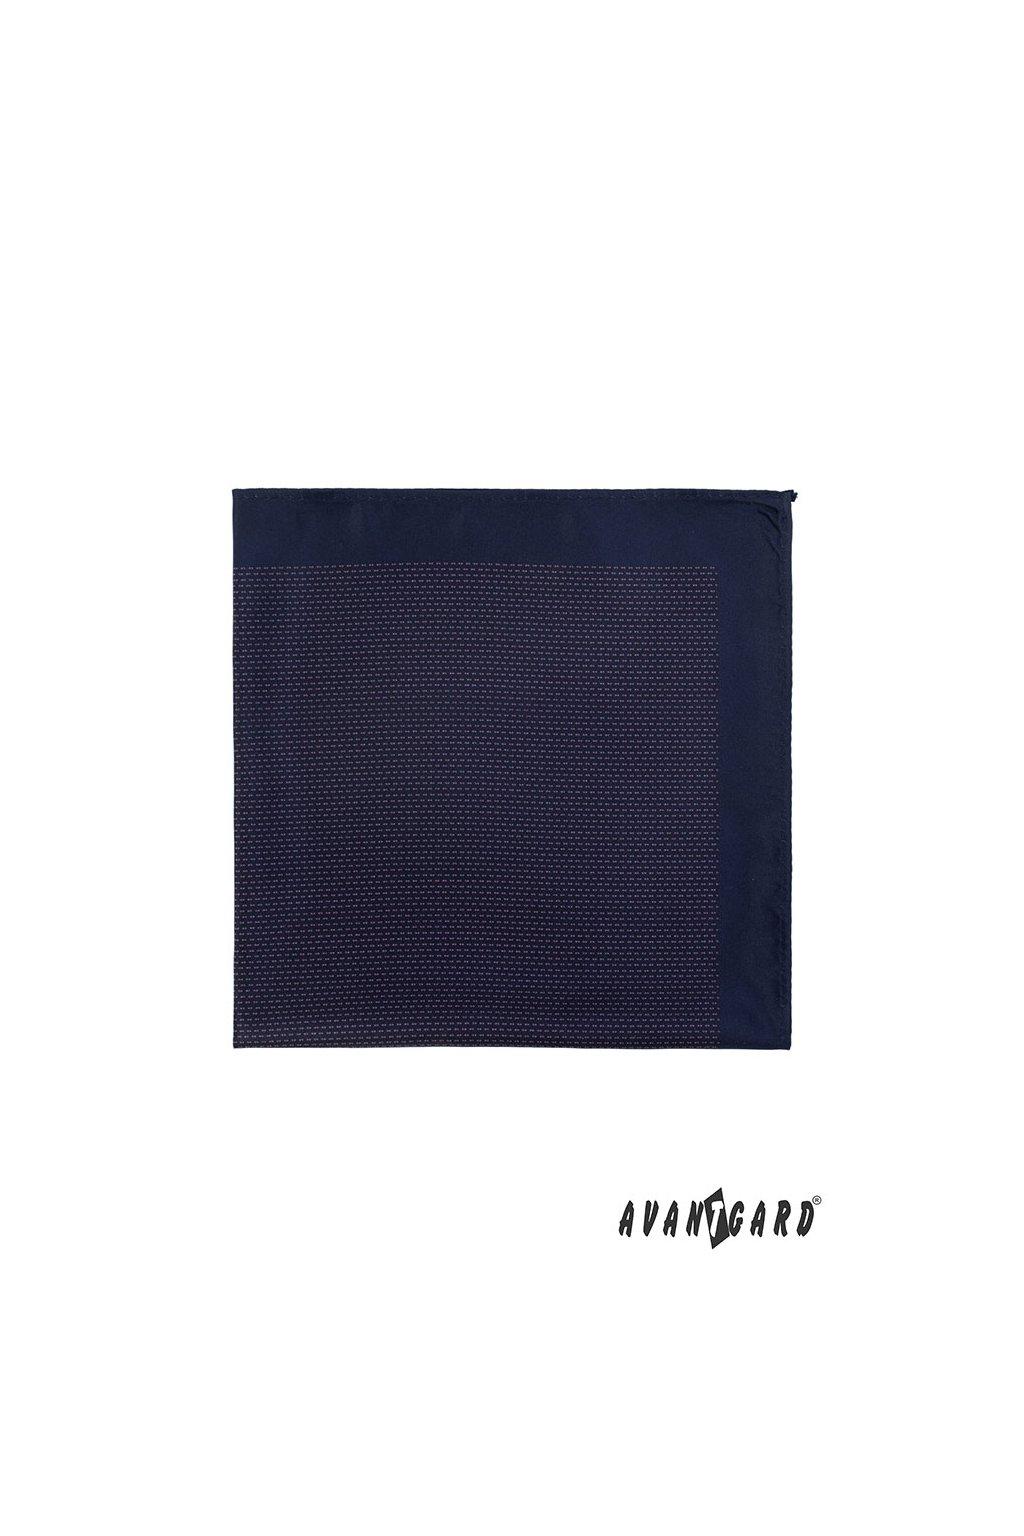 Tmavě modrý kapesníček do saka – decentní vzor